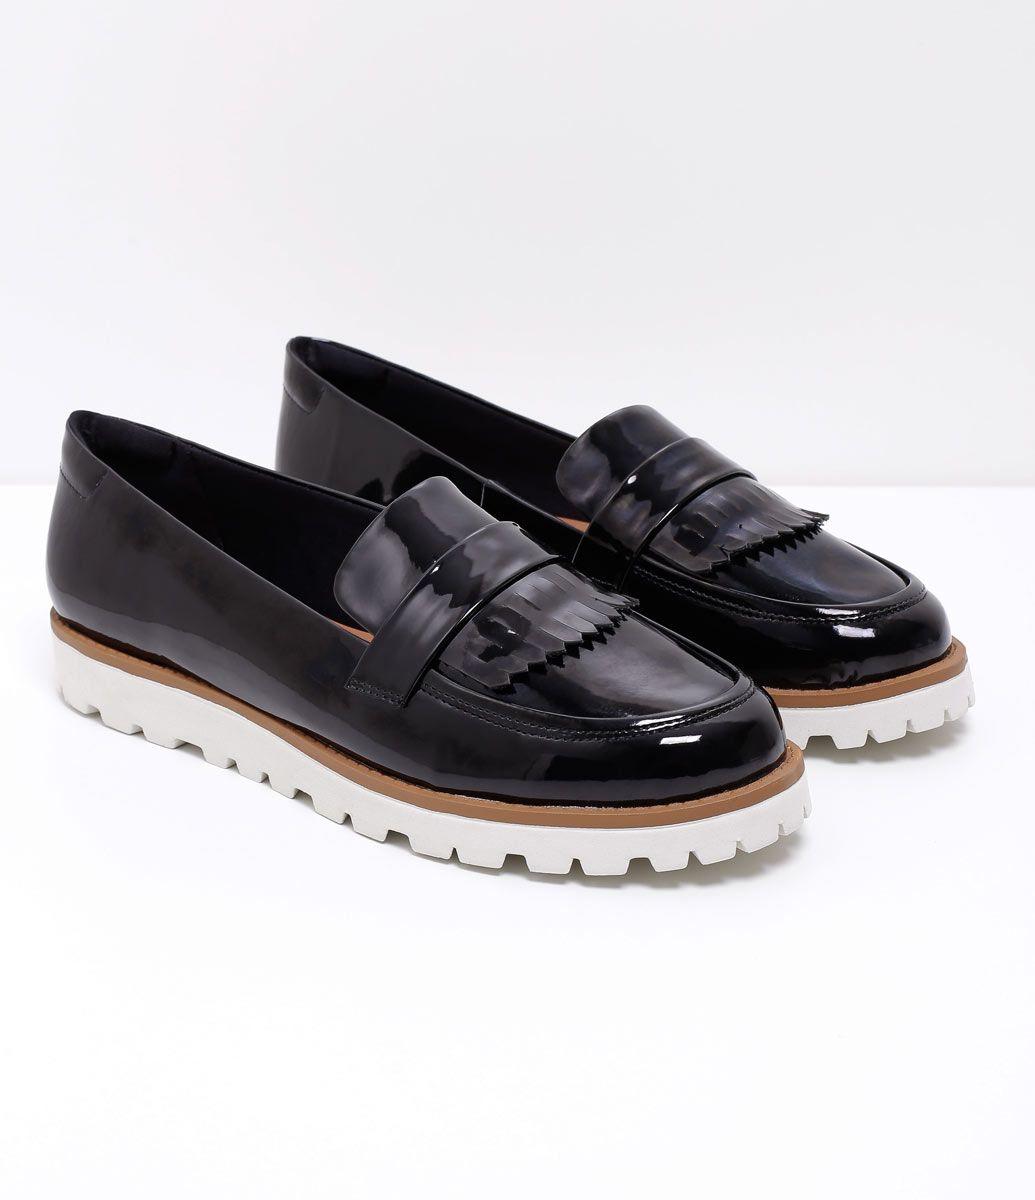 81d53f3a7 Sapato feminino Material: sintético Com franjas   shoes ♥   Sapatos ...